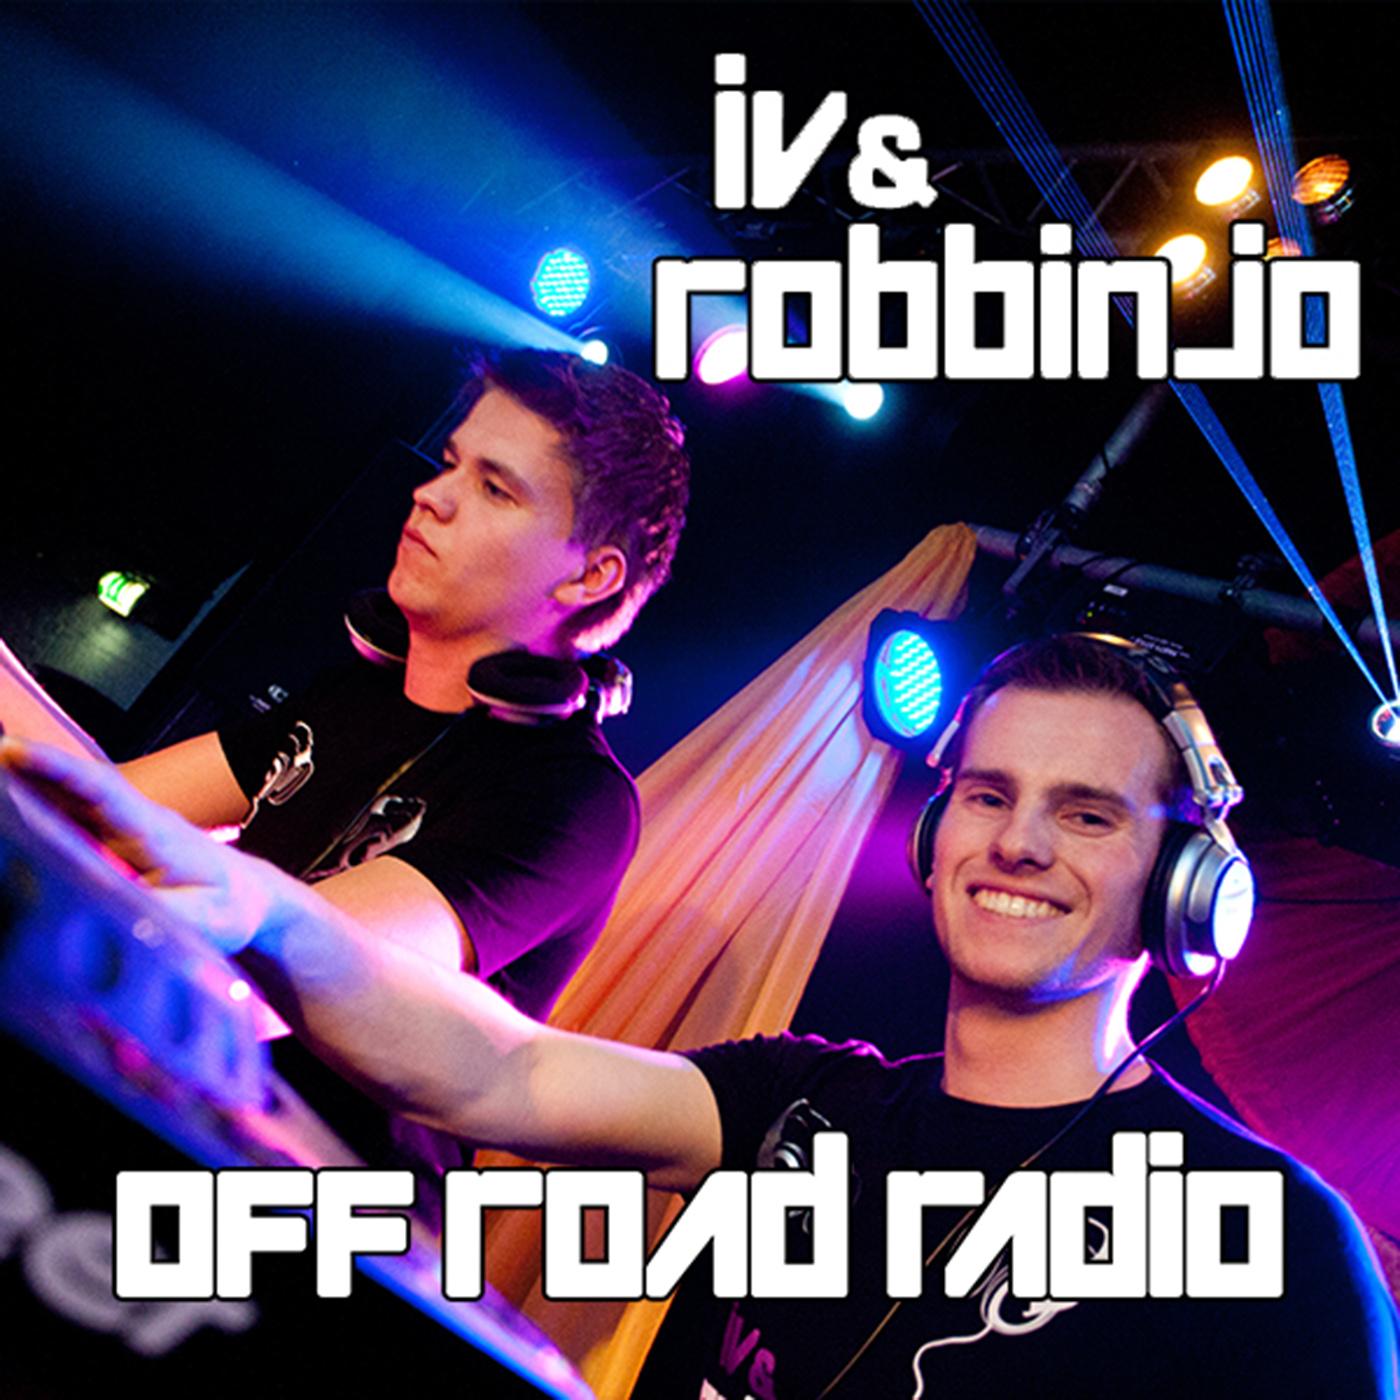 Iv&Robbinjo